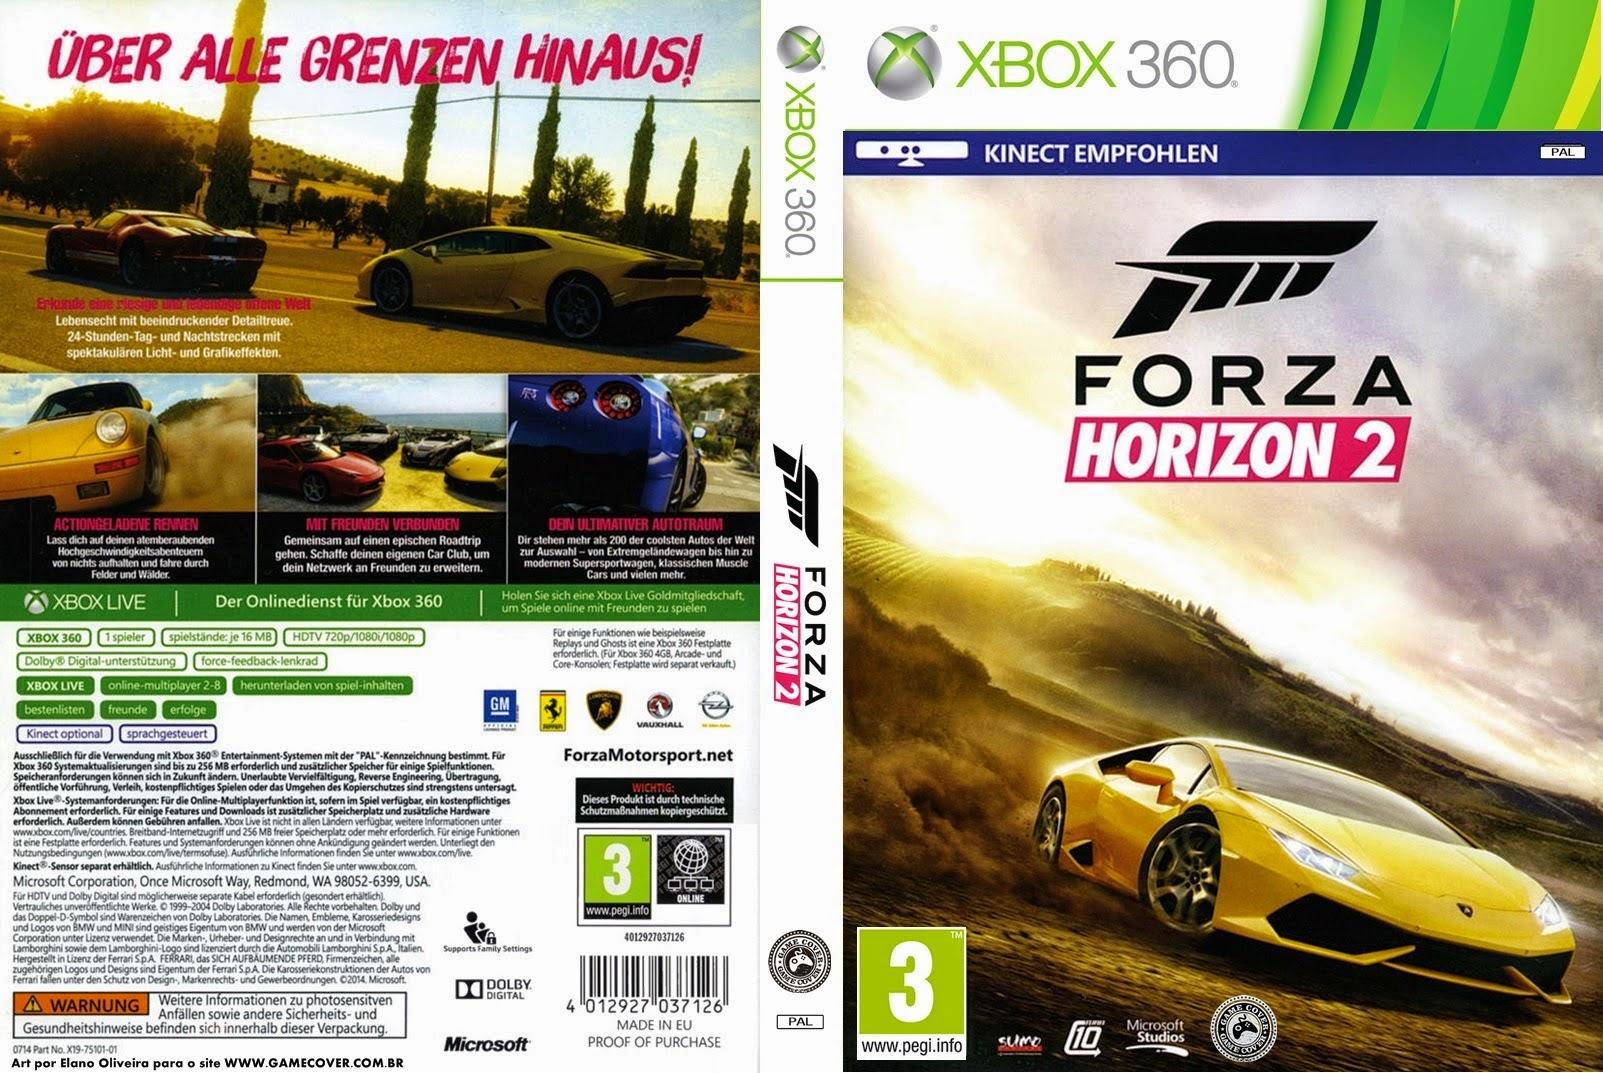 san andreas cheats playstation 3 with Forza Horizon 2 Xbox 360 on Code Gta 5 Gta 20V  20xbox 20arabe moreover Cars moreover Gta San Andreas as well  moreover Gta 3 Resimleri.